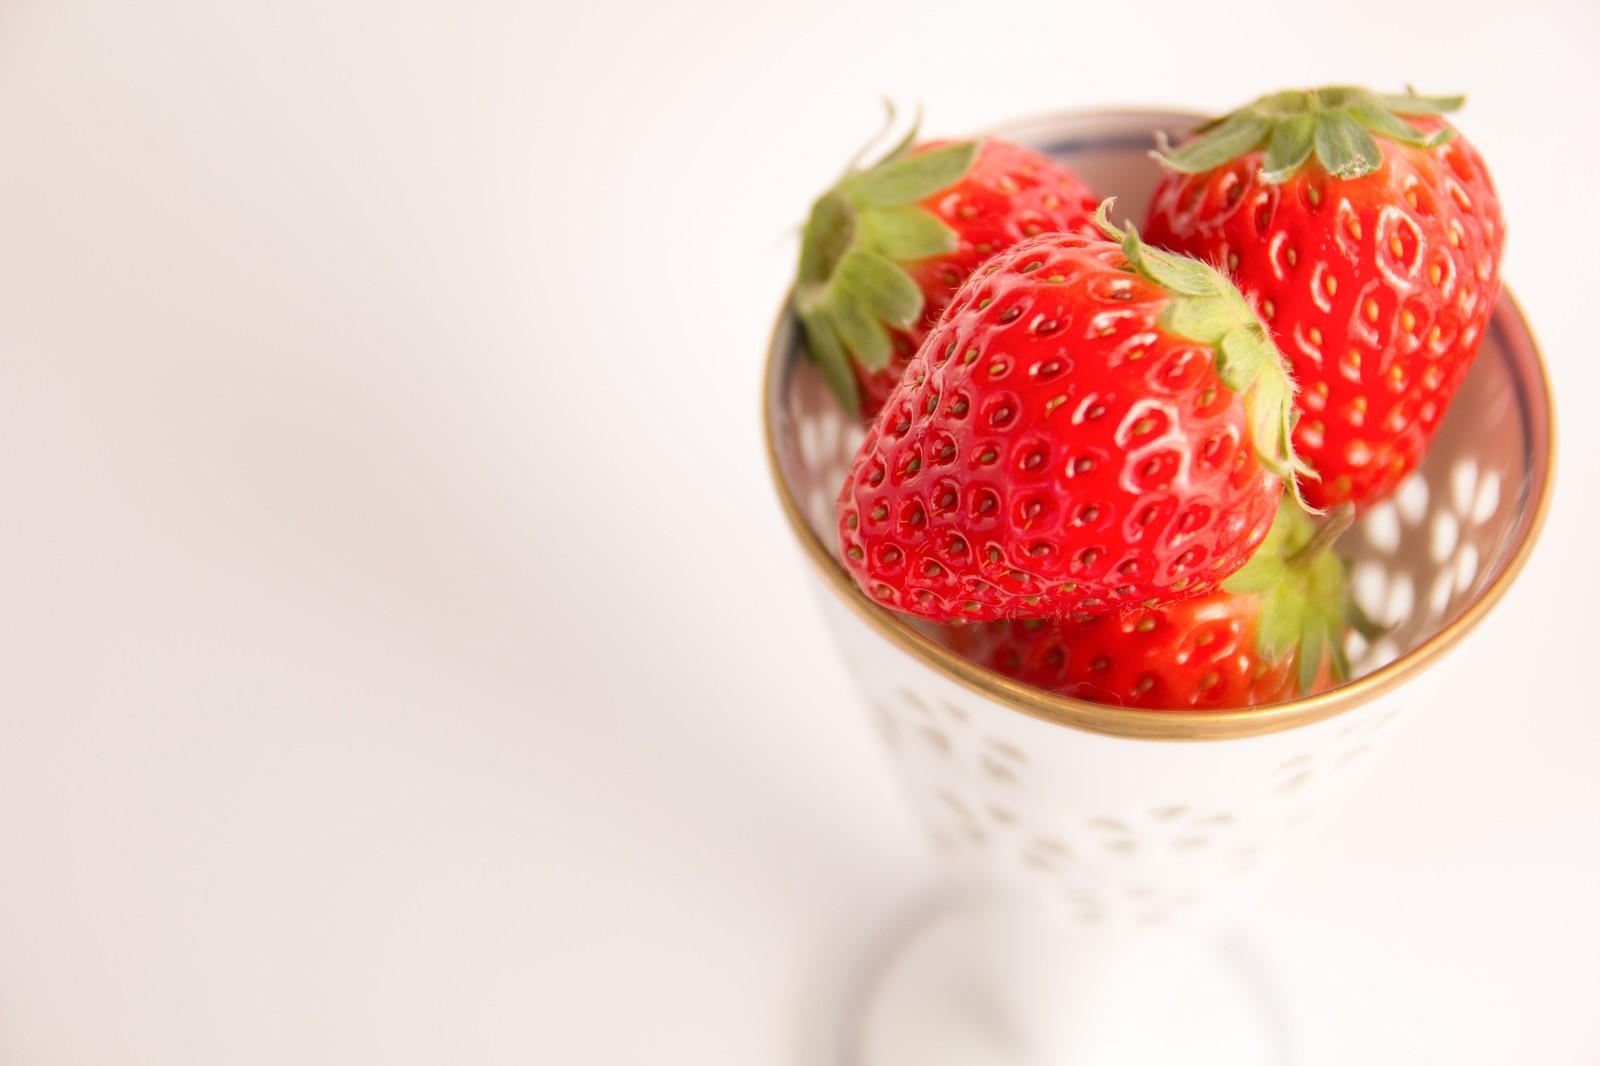 みんなが大好きないちごにはたくさんの栄養と女性にうれしい健康効果のサムネイル画像